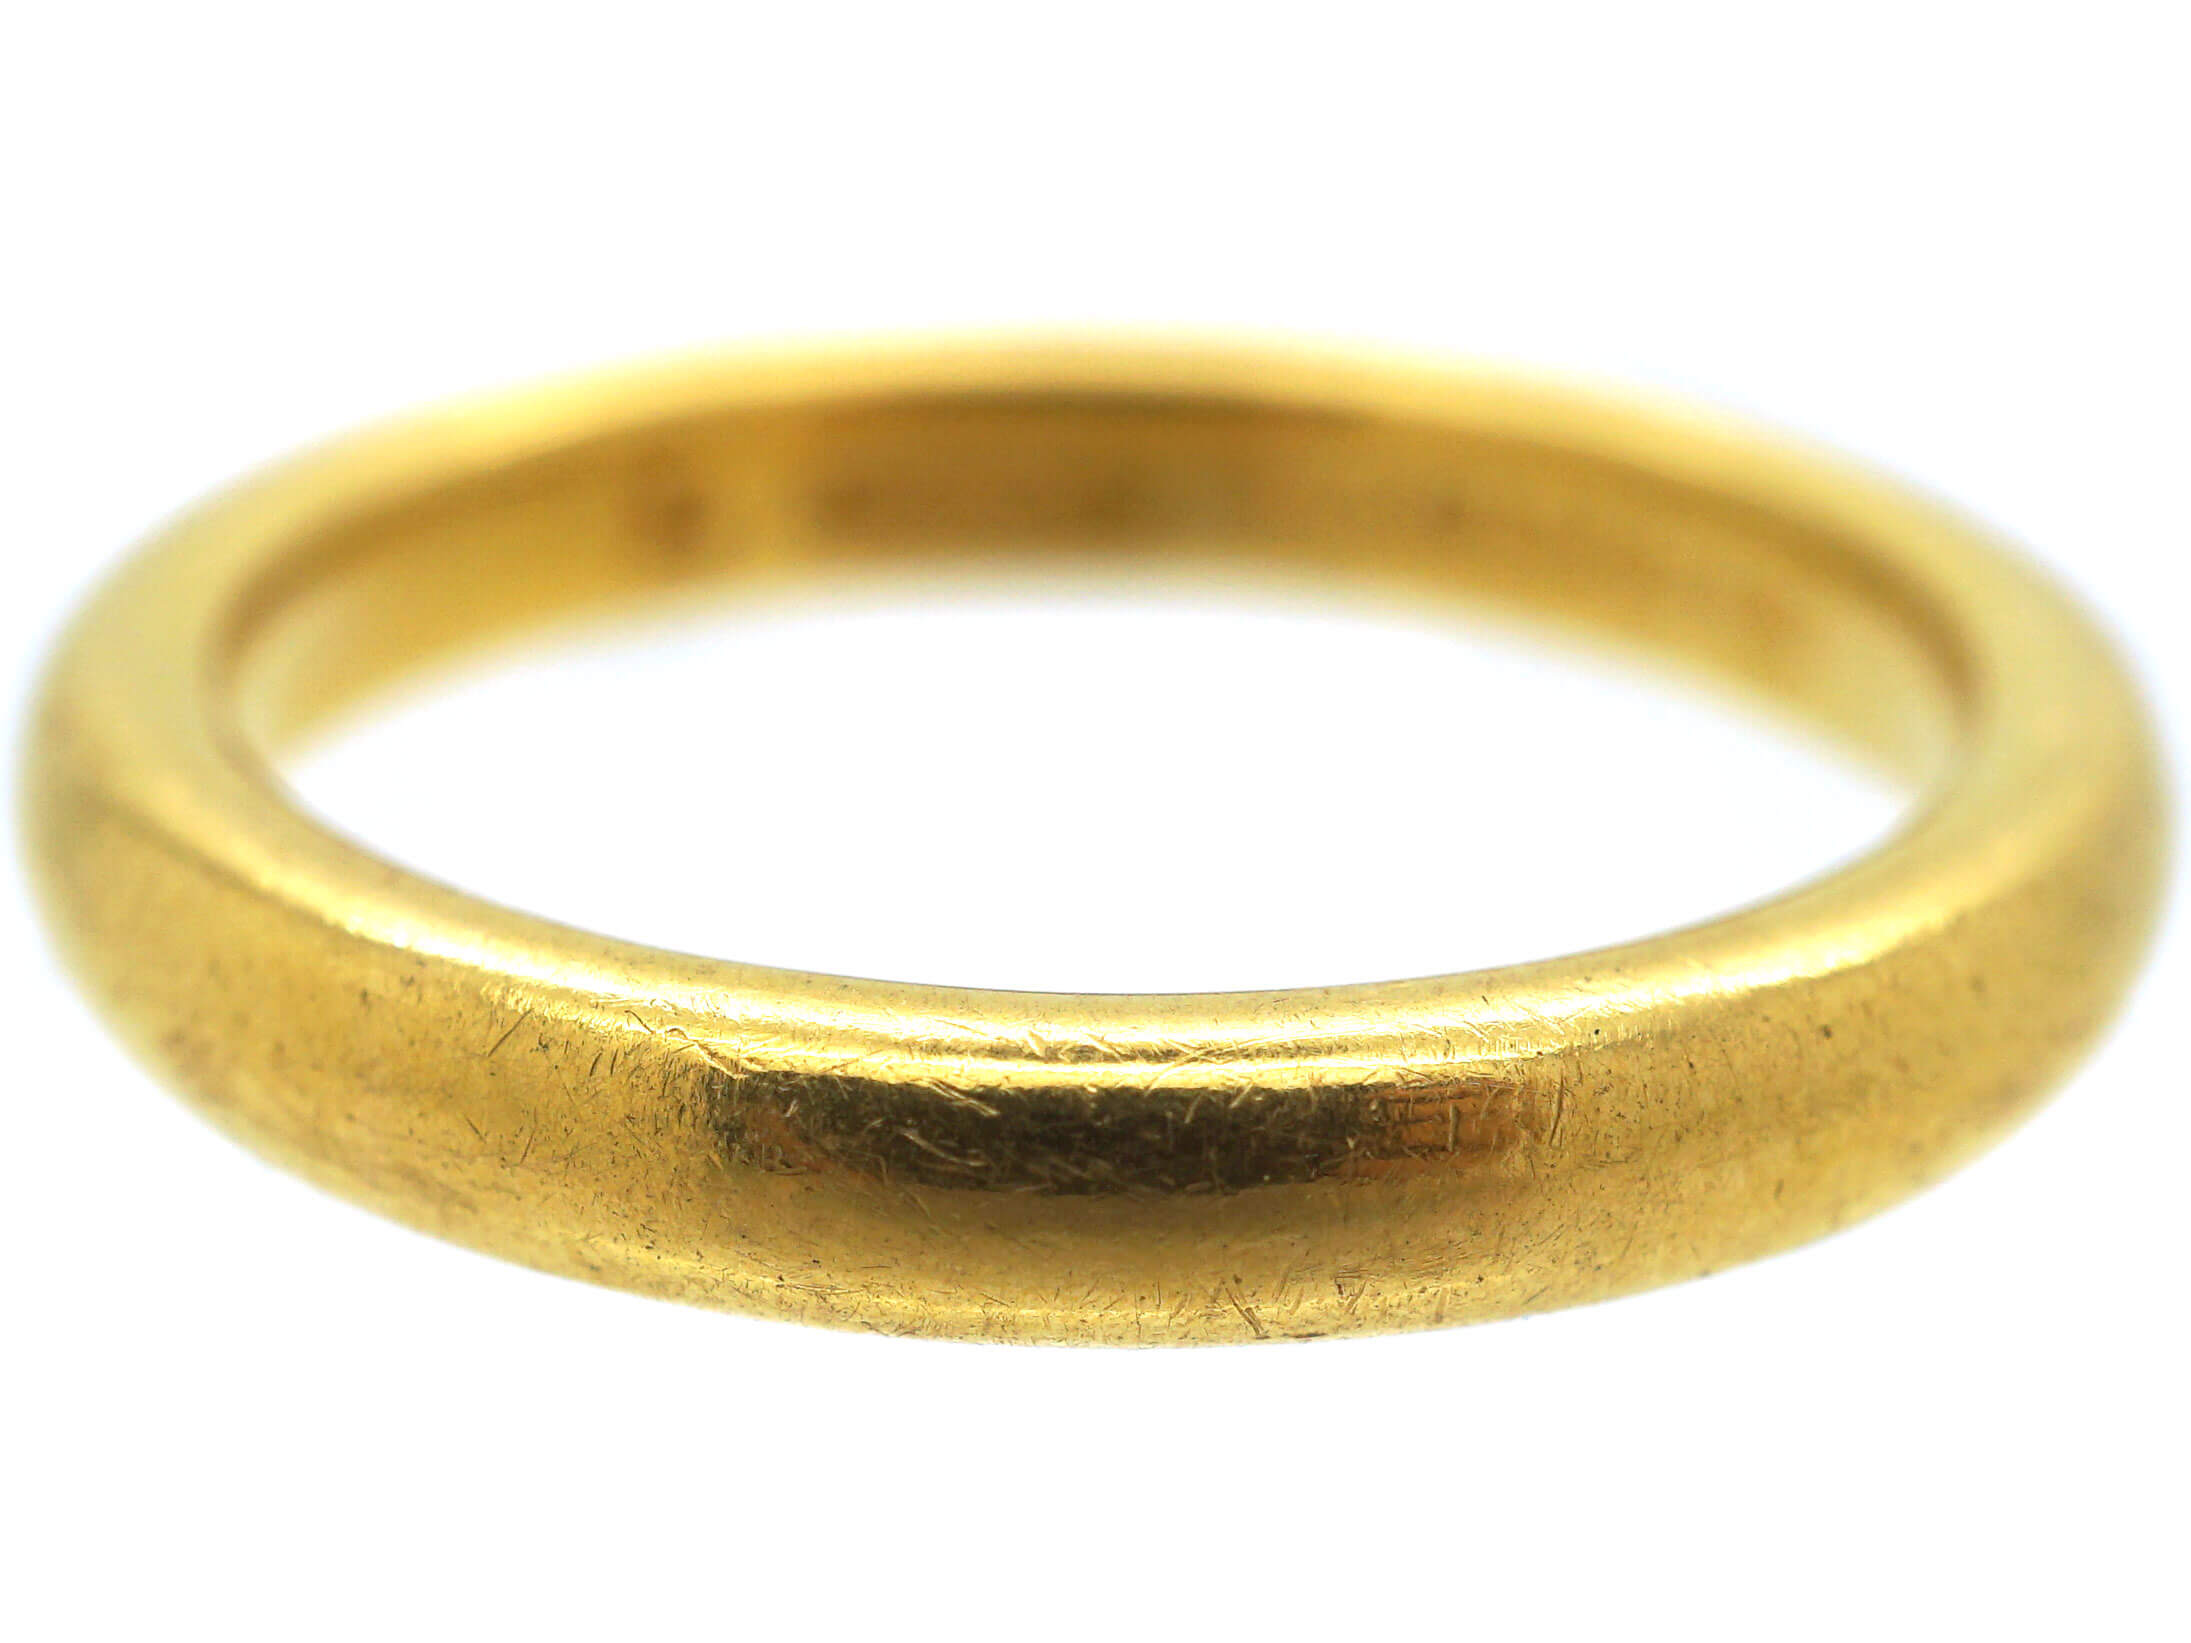 22ct Gold Wedding Ring